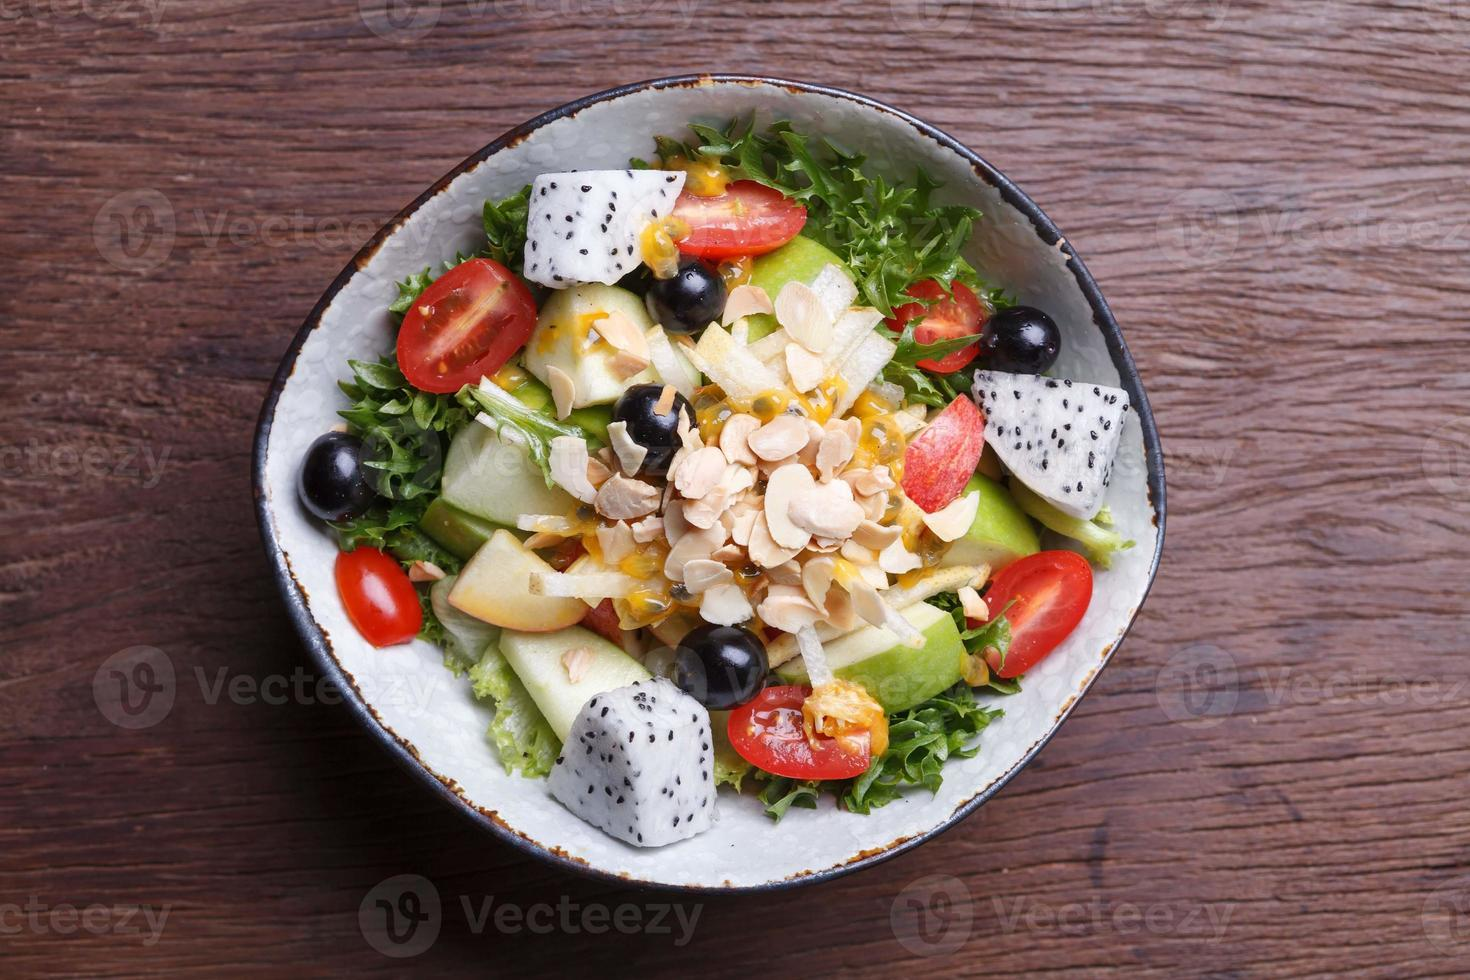 salade de fruits dans le bol photo